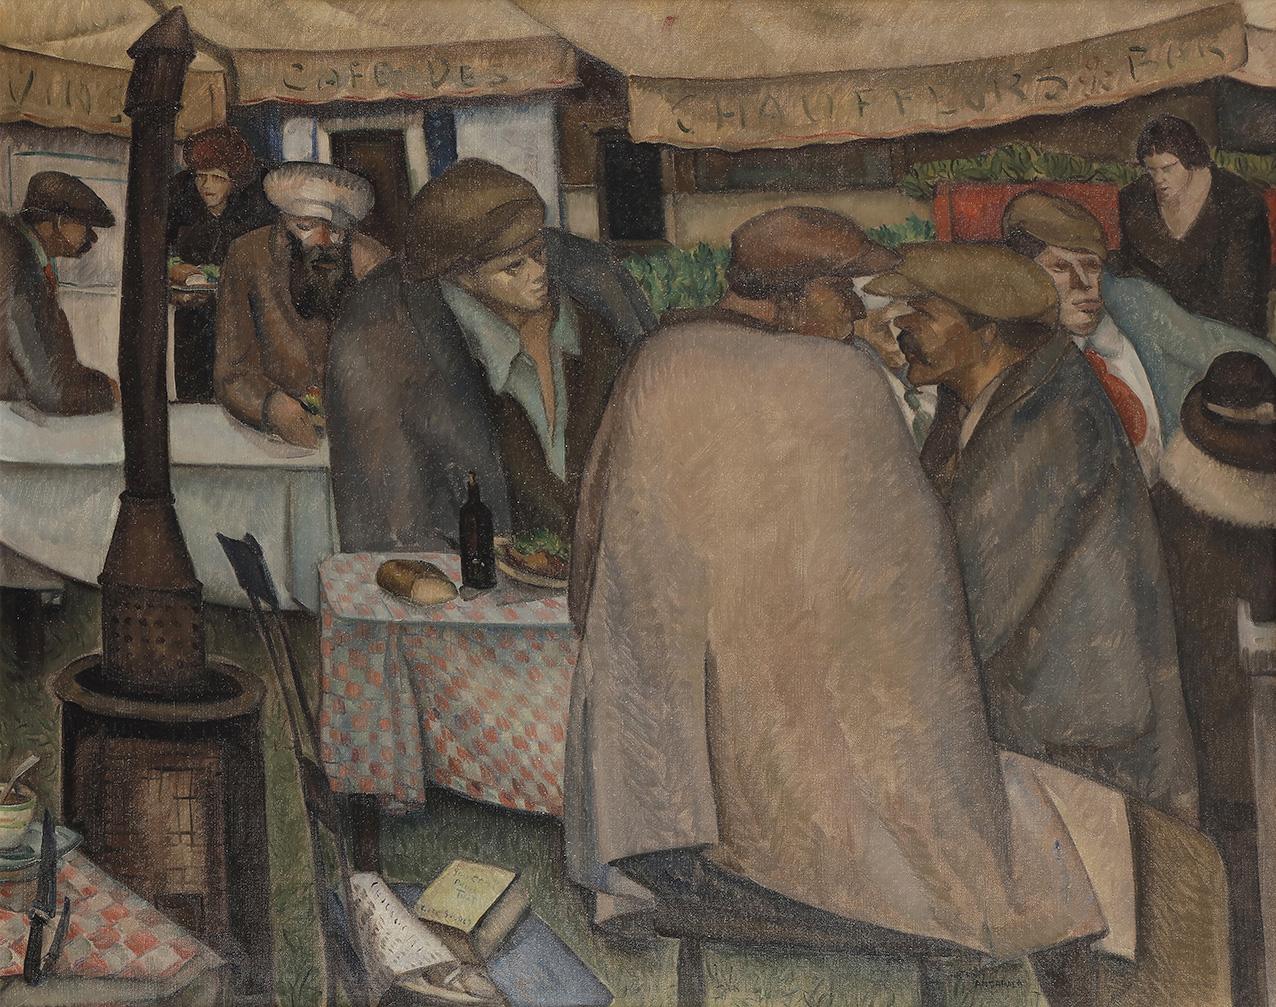 Anthony Angarola(1893-1929), Café des chauffeurs, 1929, huile sur toile, 81x100cm. Adjugé: 32000€